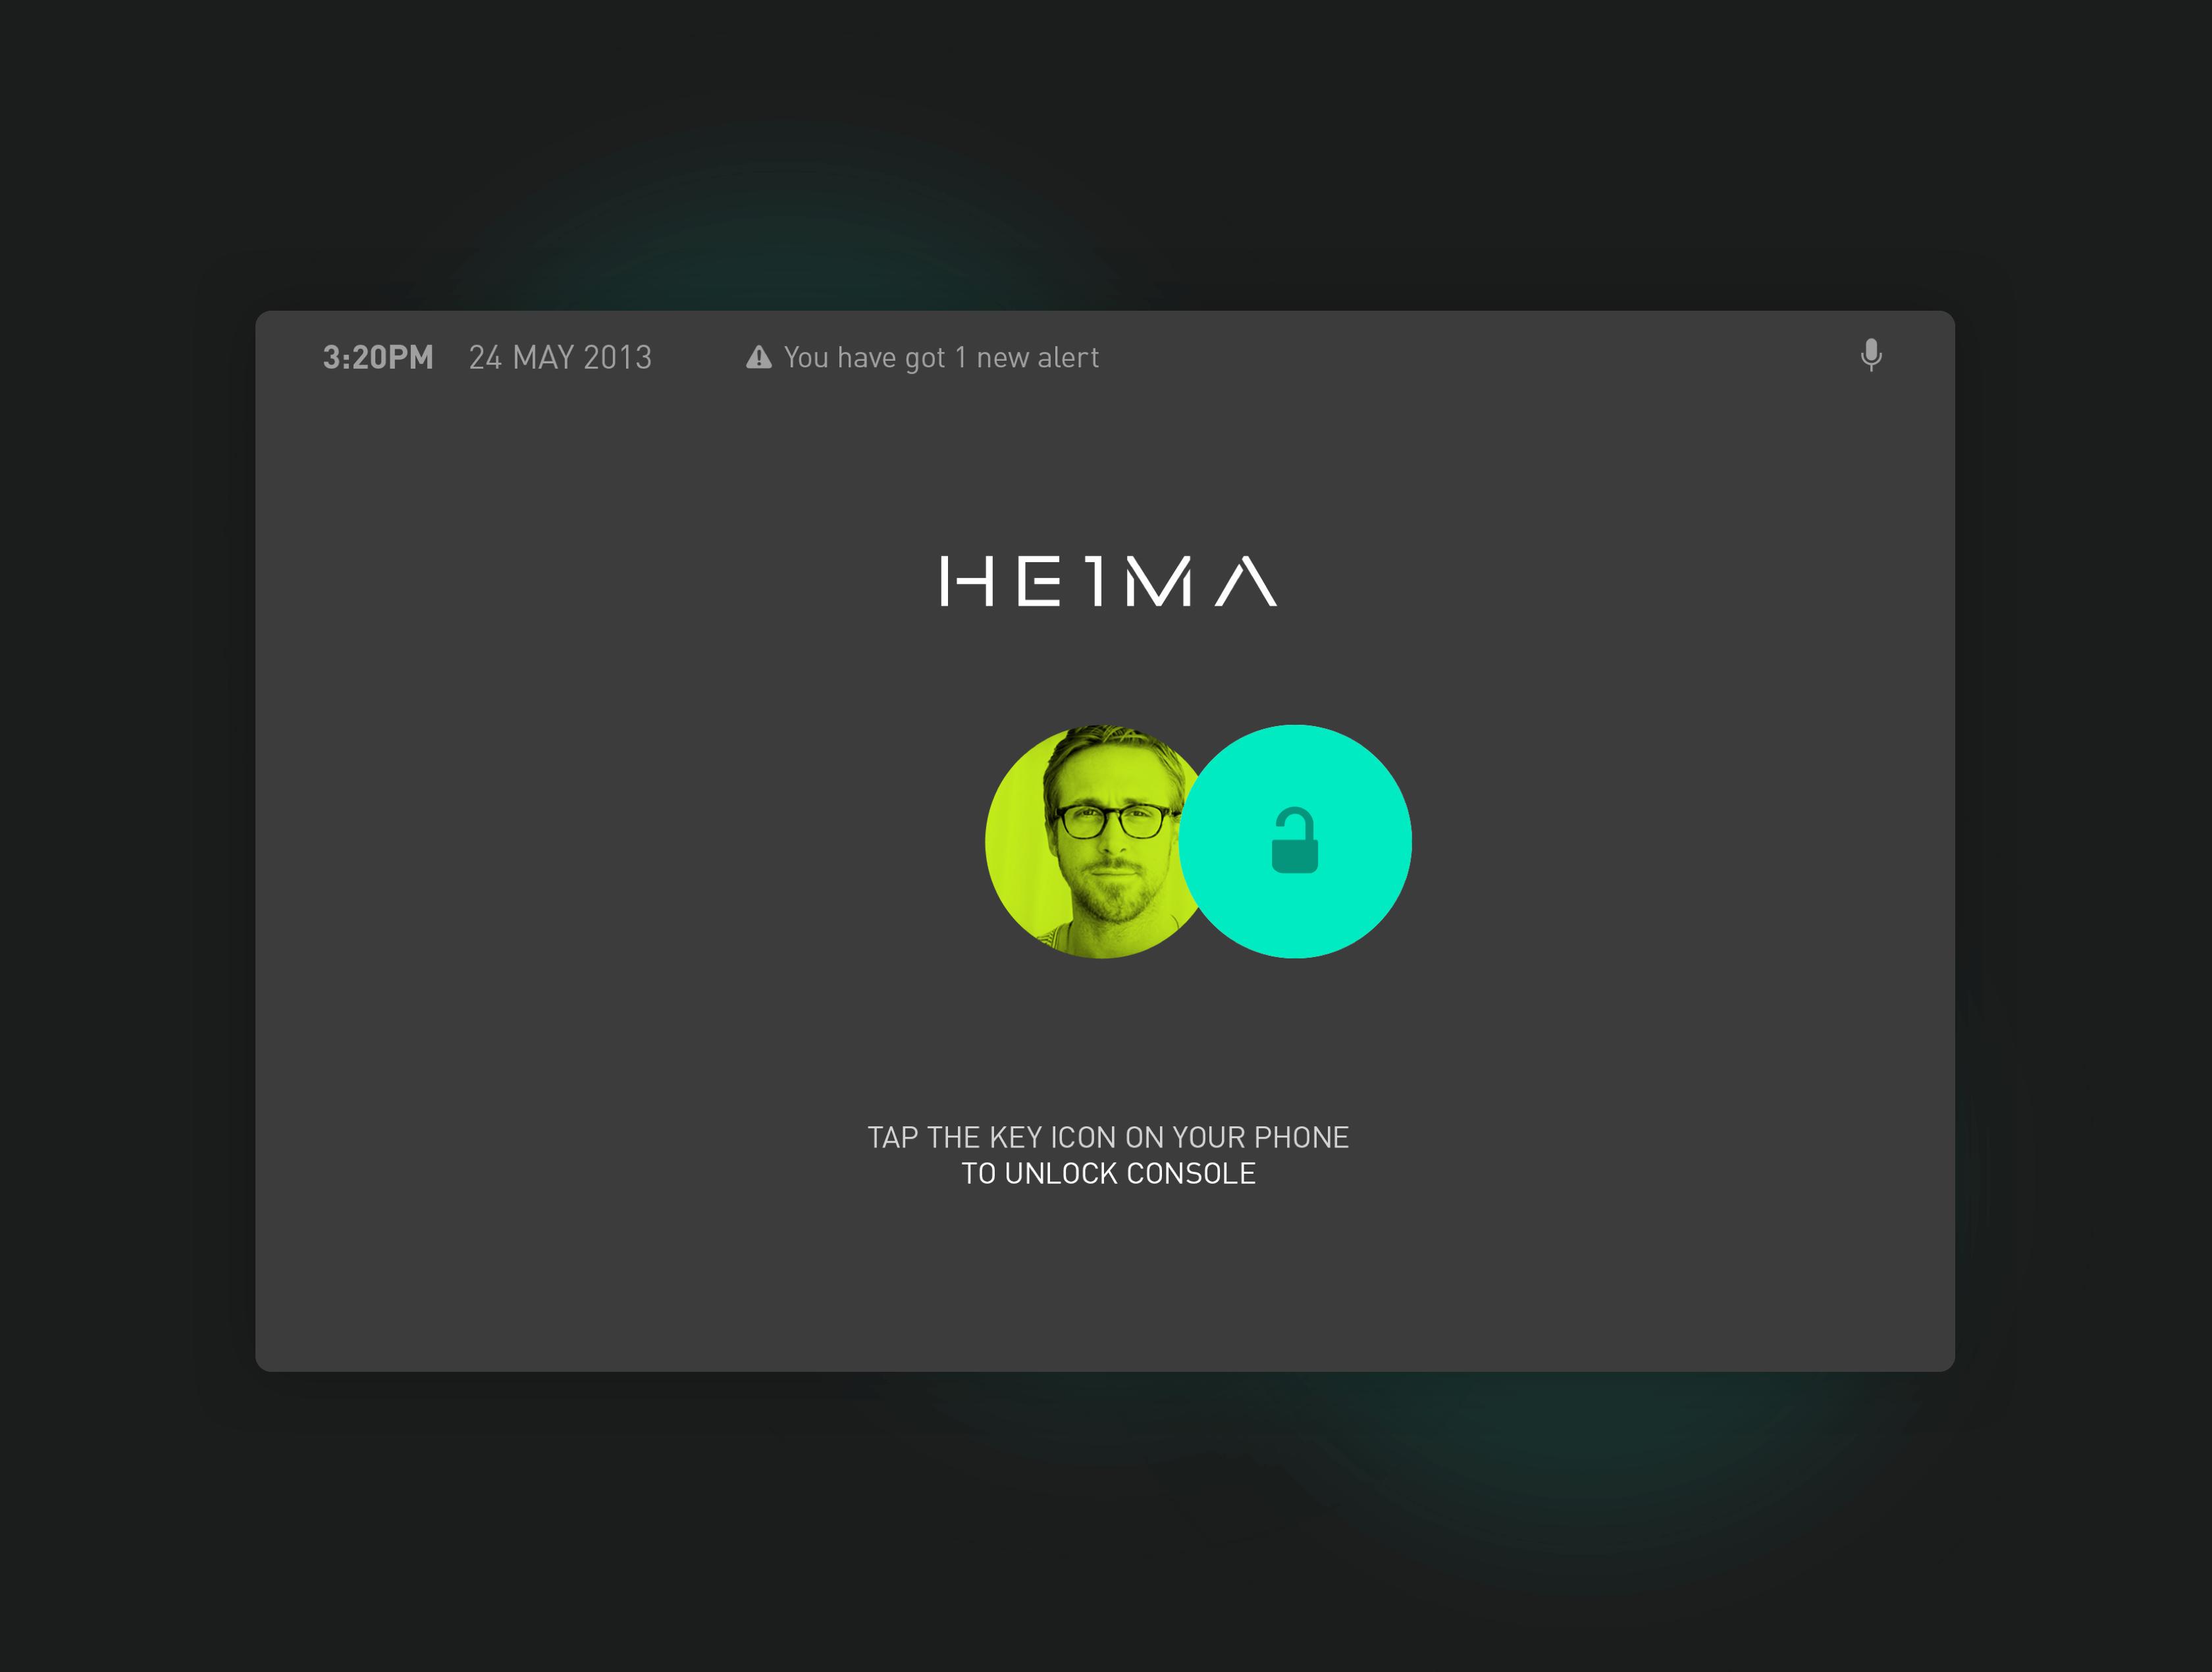 HEIMA-lockscreen@2x